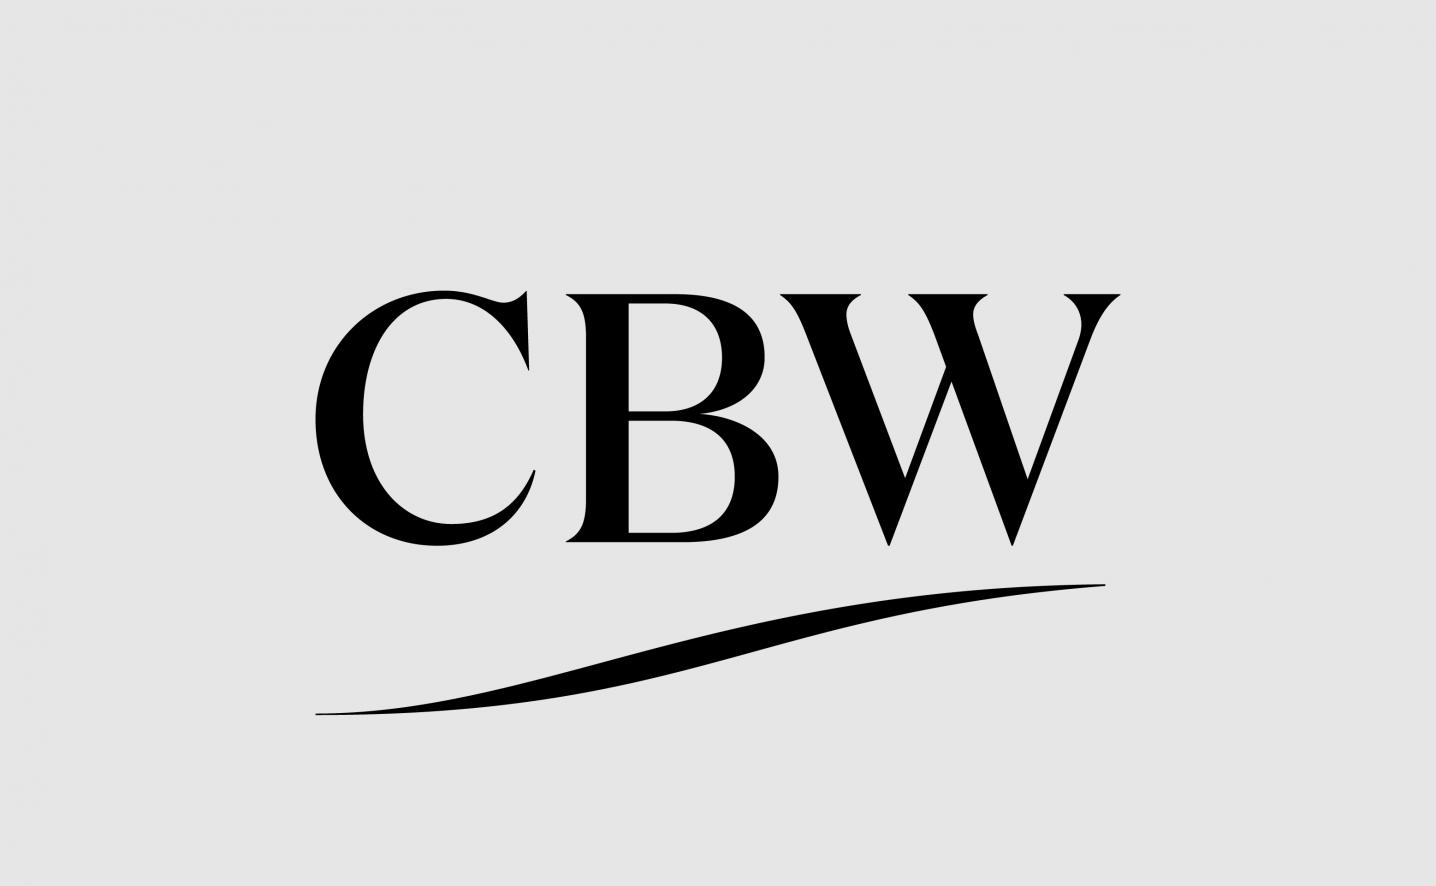 CBW logo design